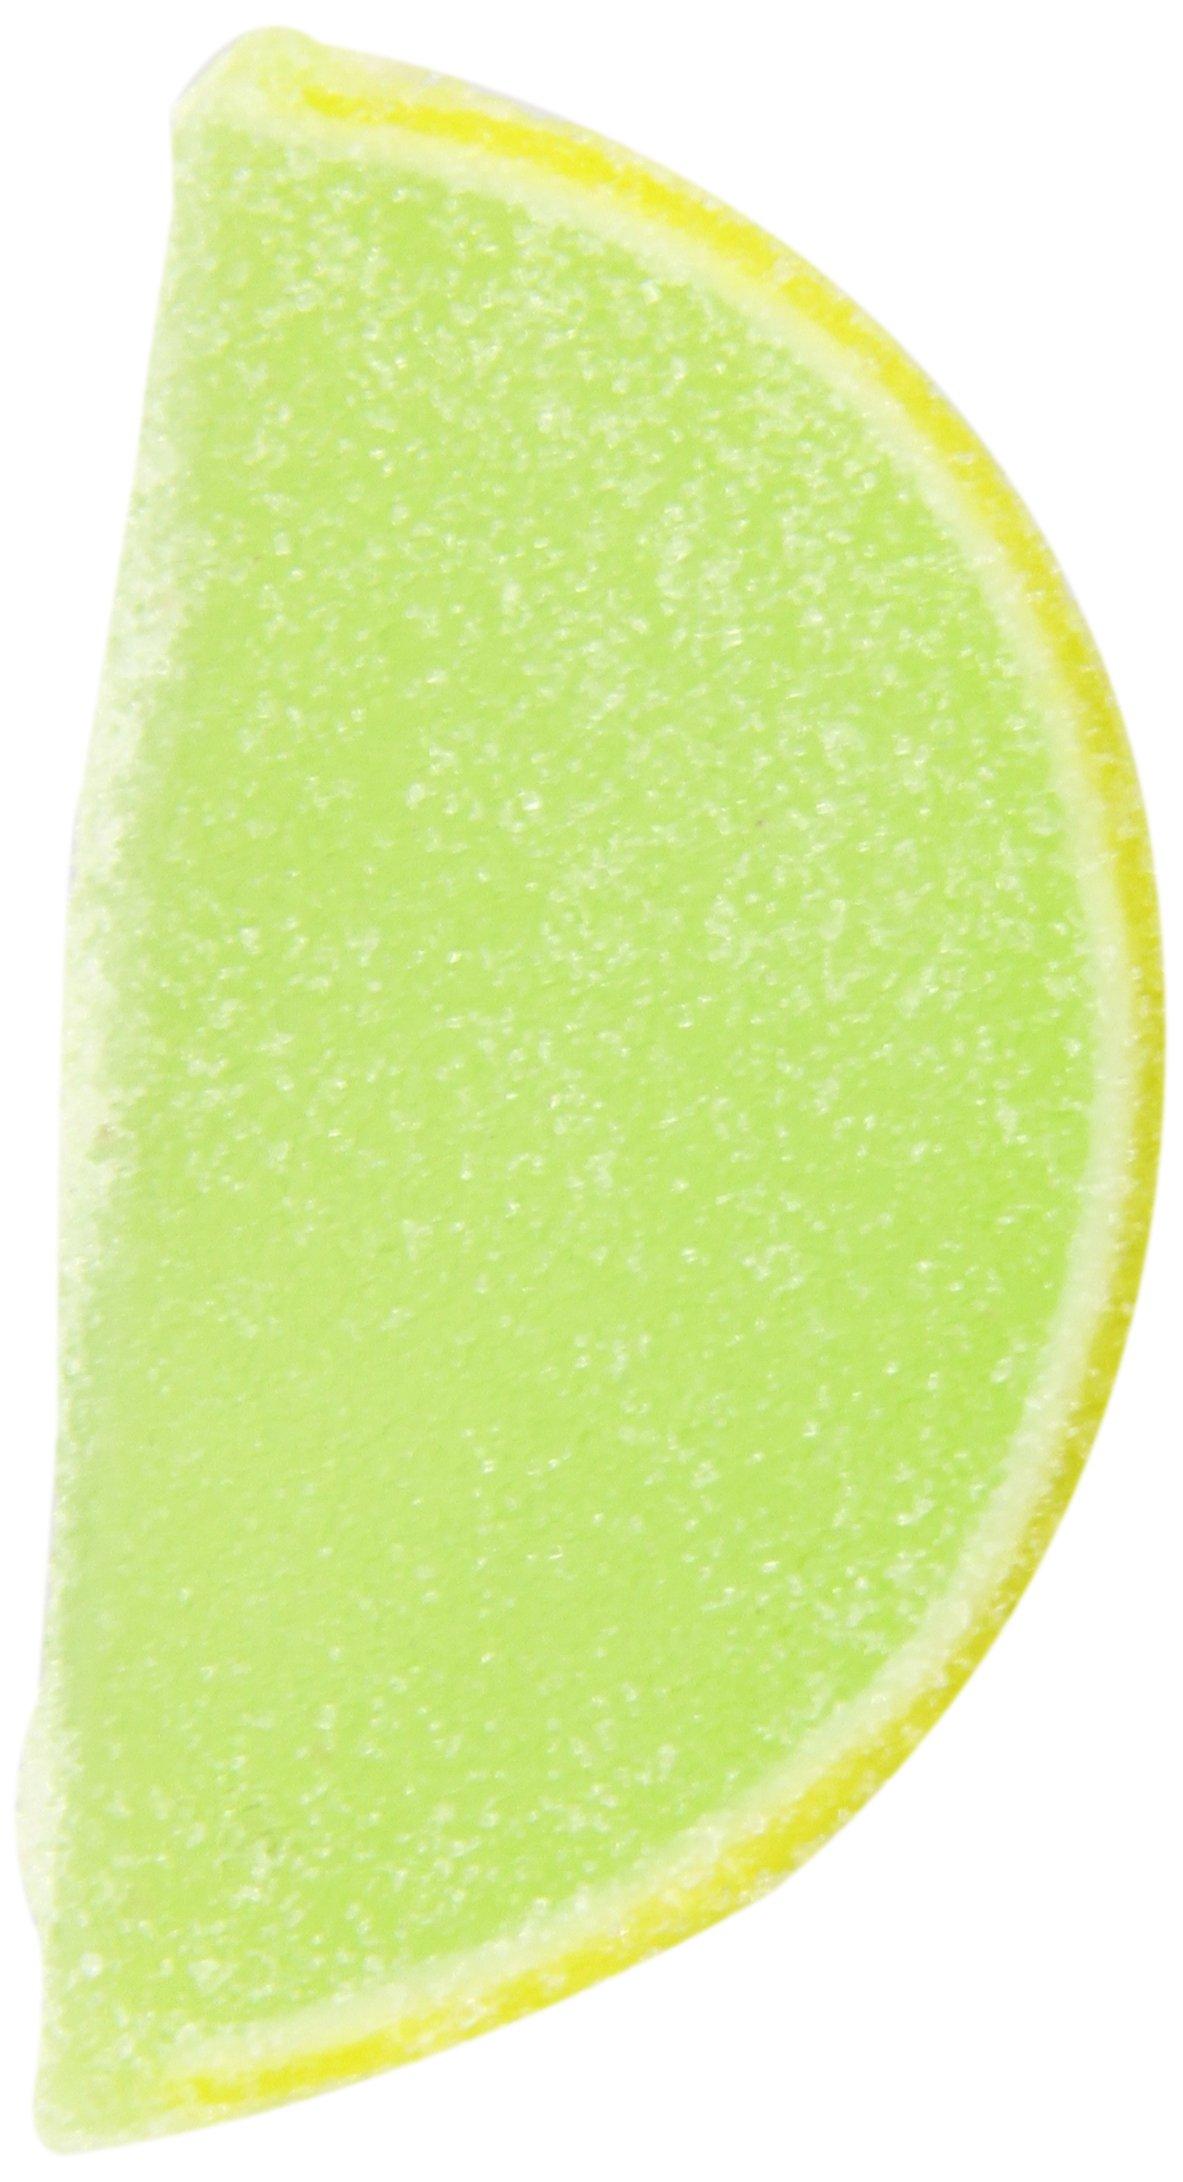 Nassau Candy Fruit Slice, Key Lime, 5 Pound by Nassau Candy